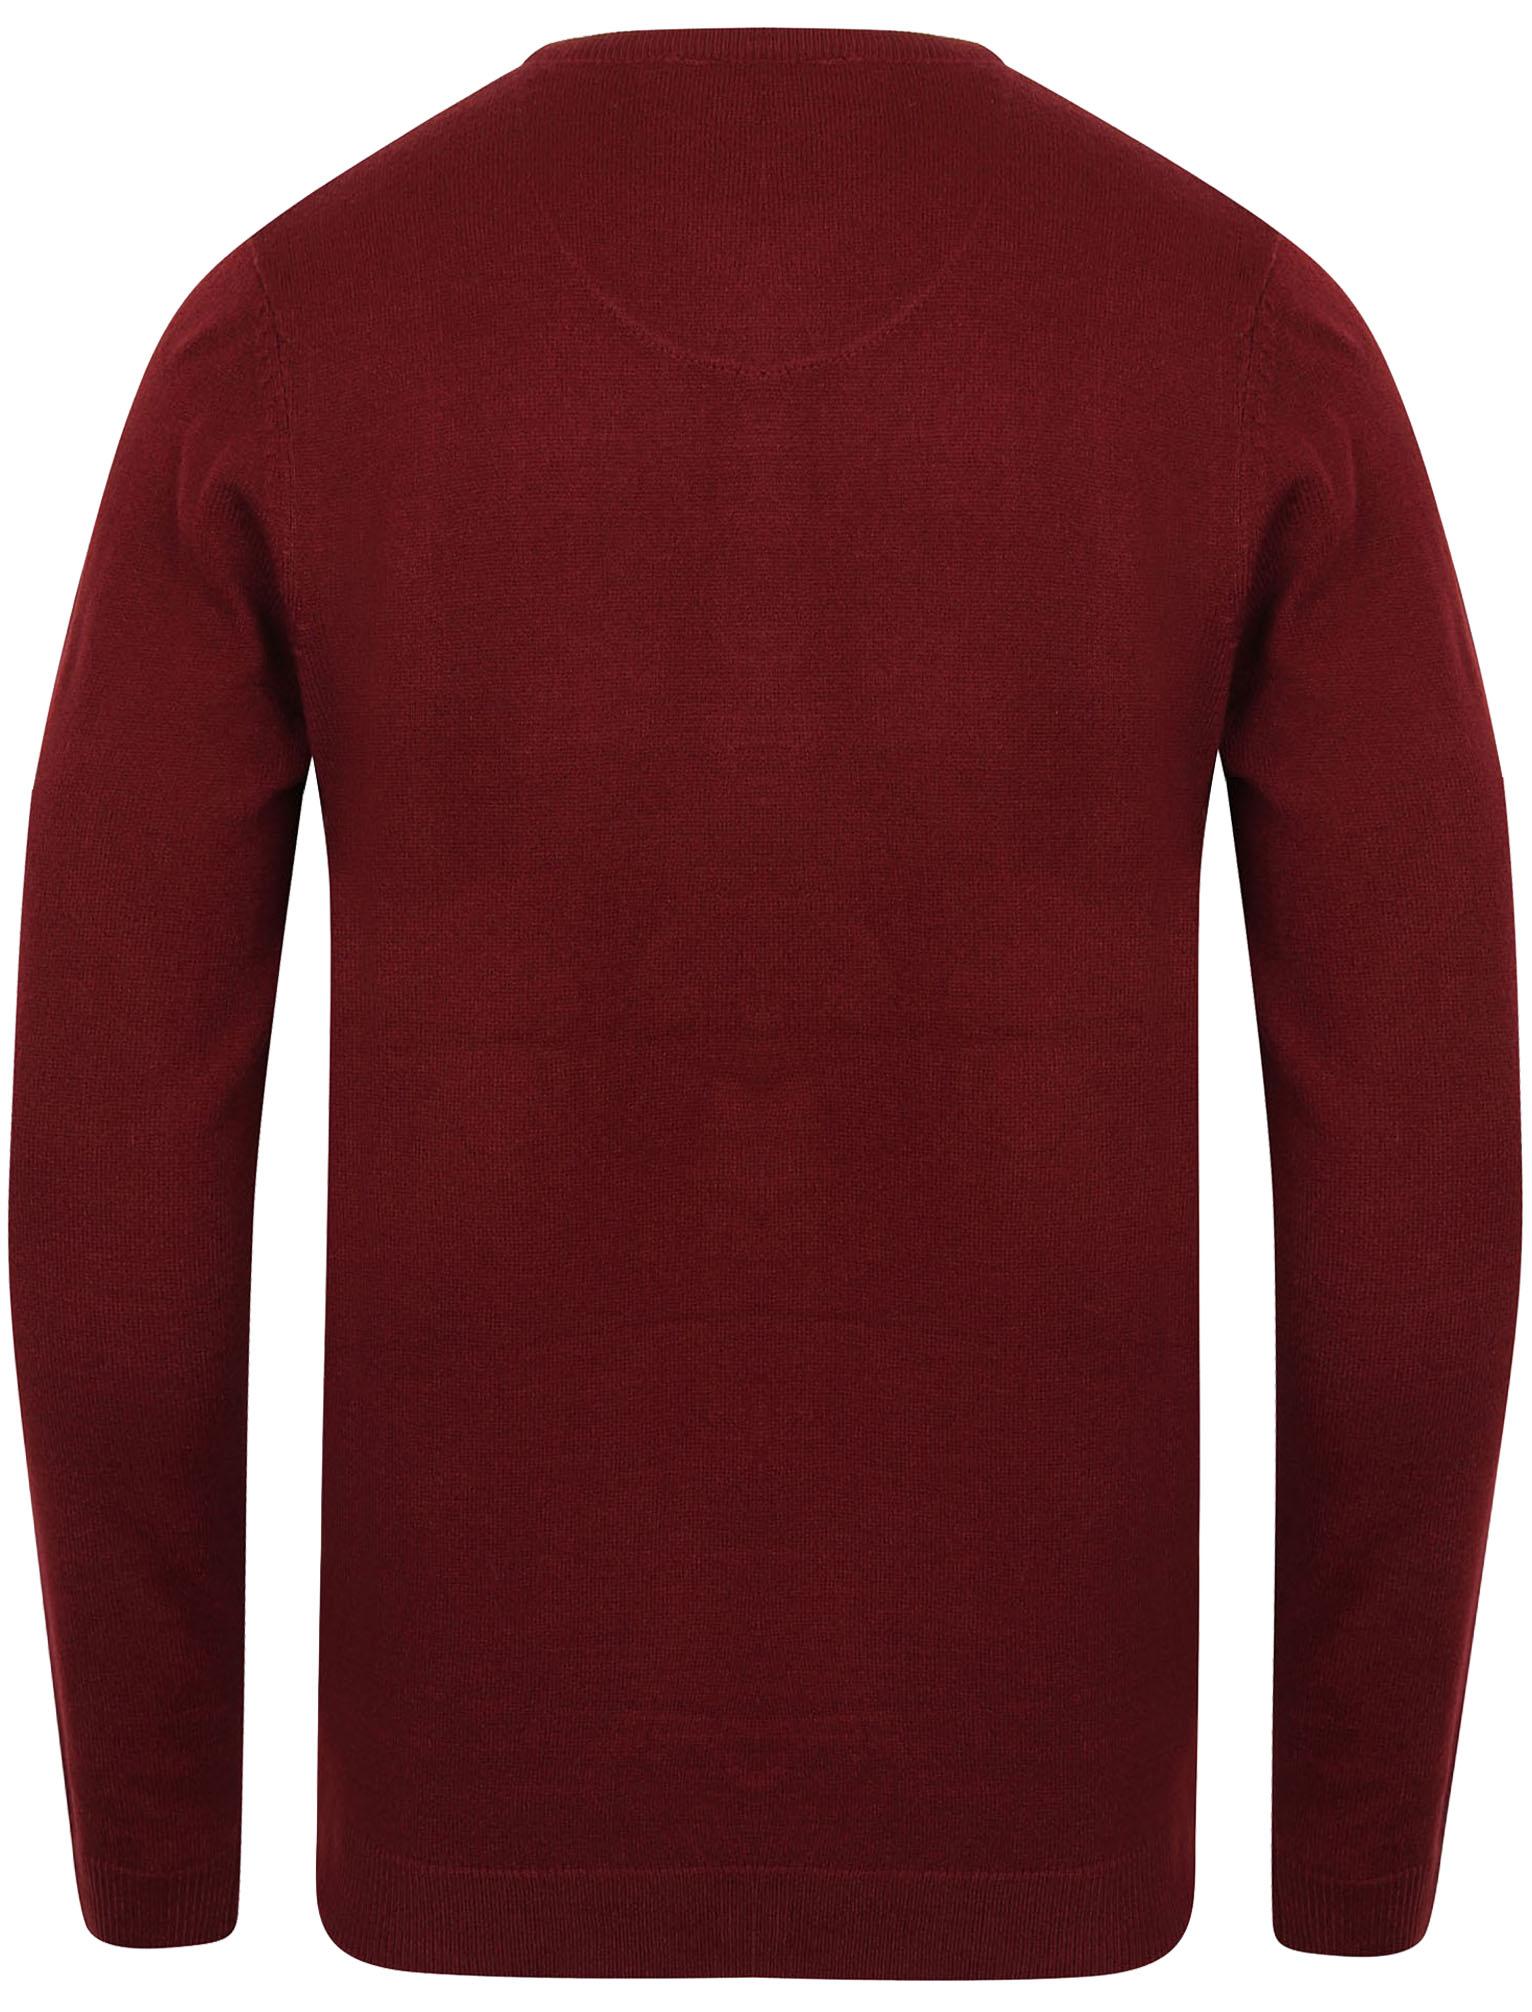 Kensington-Eastside-Men-039-s-Knitted-Crew-or-V-Neck-Jumper-Sweater-Top-Pullover thumbnail 29